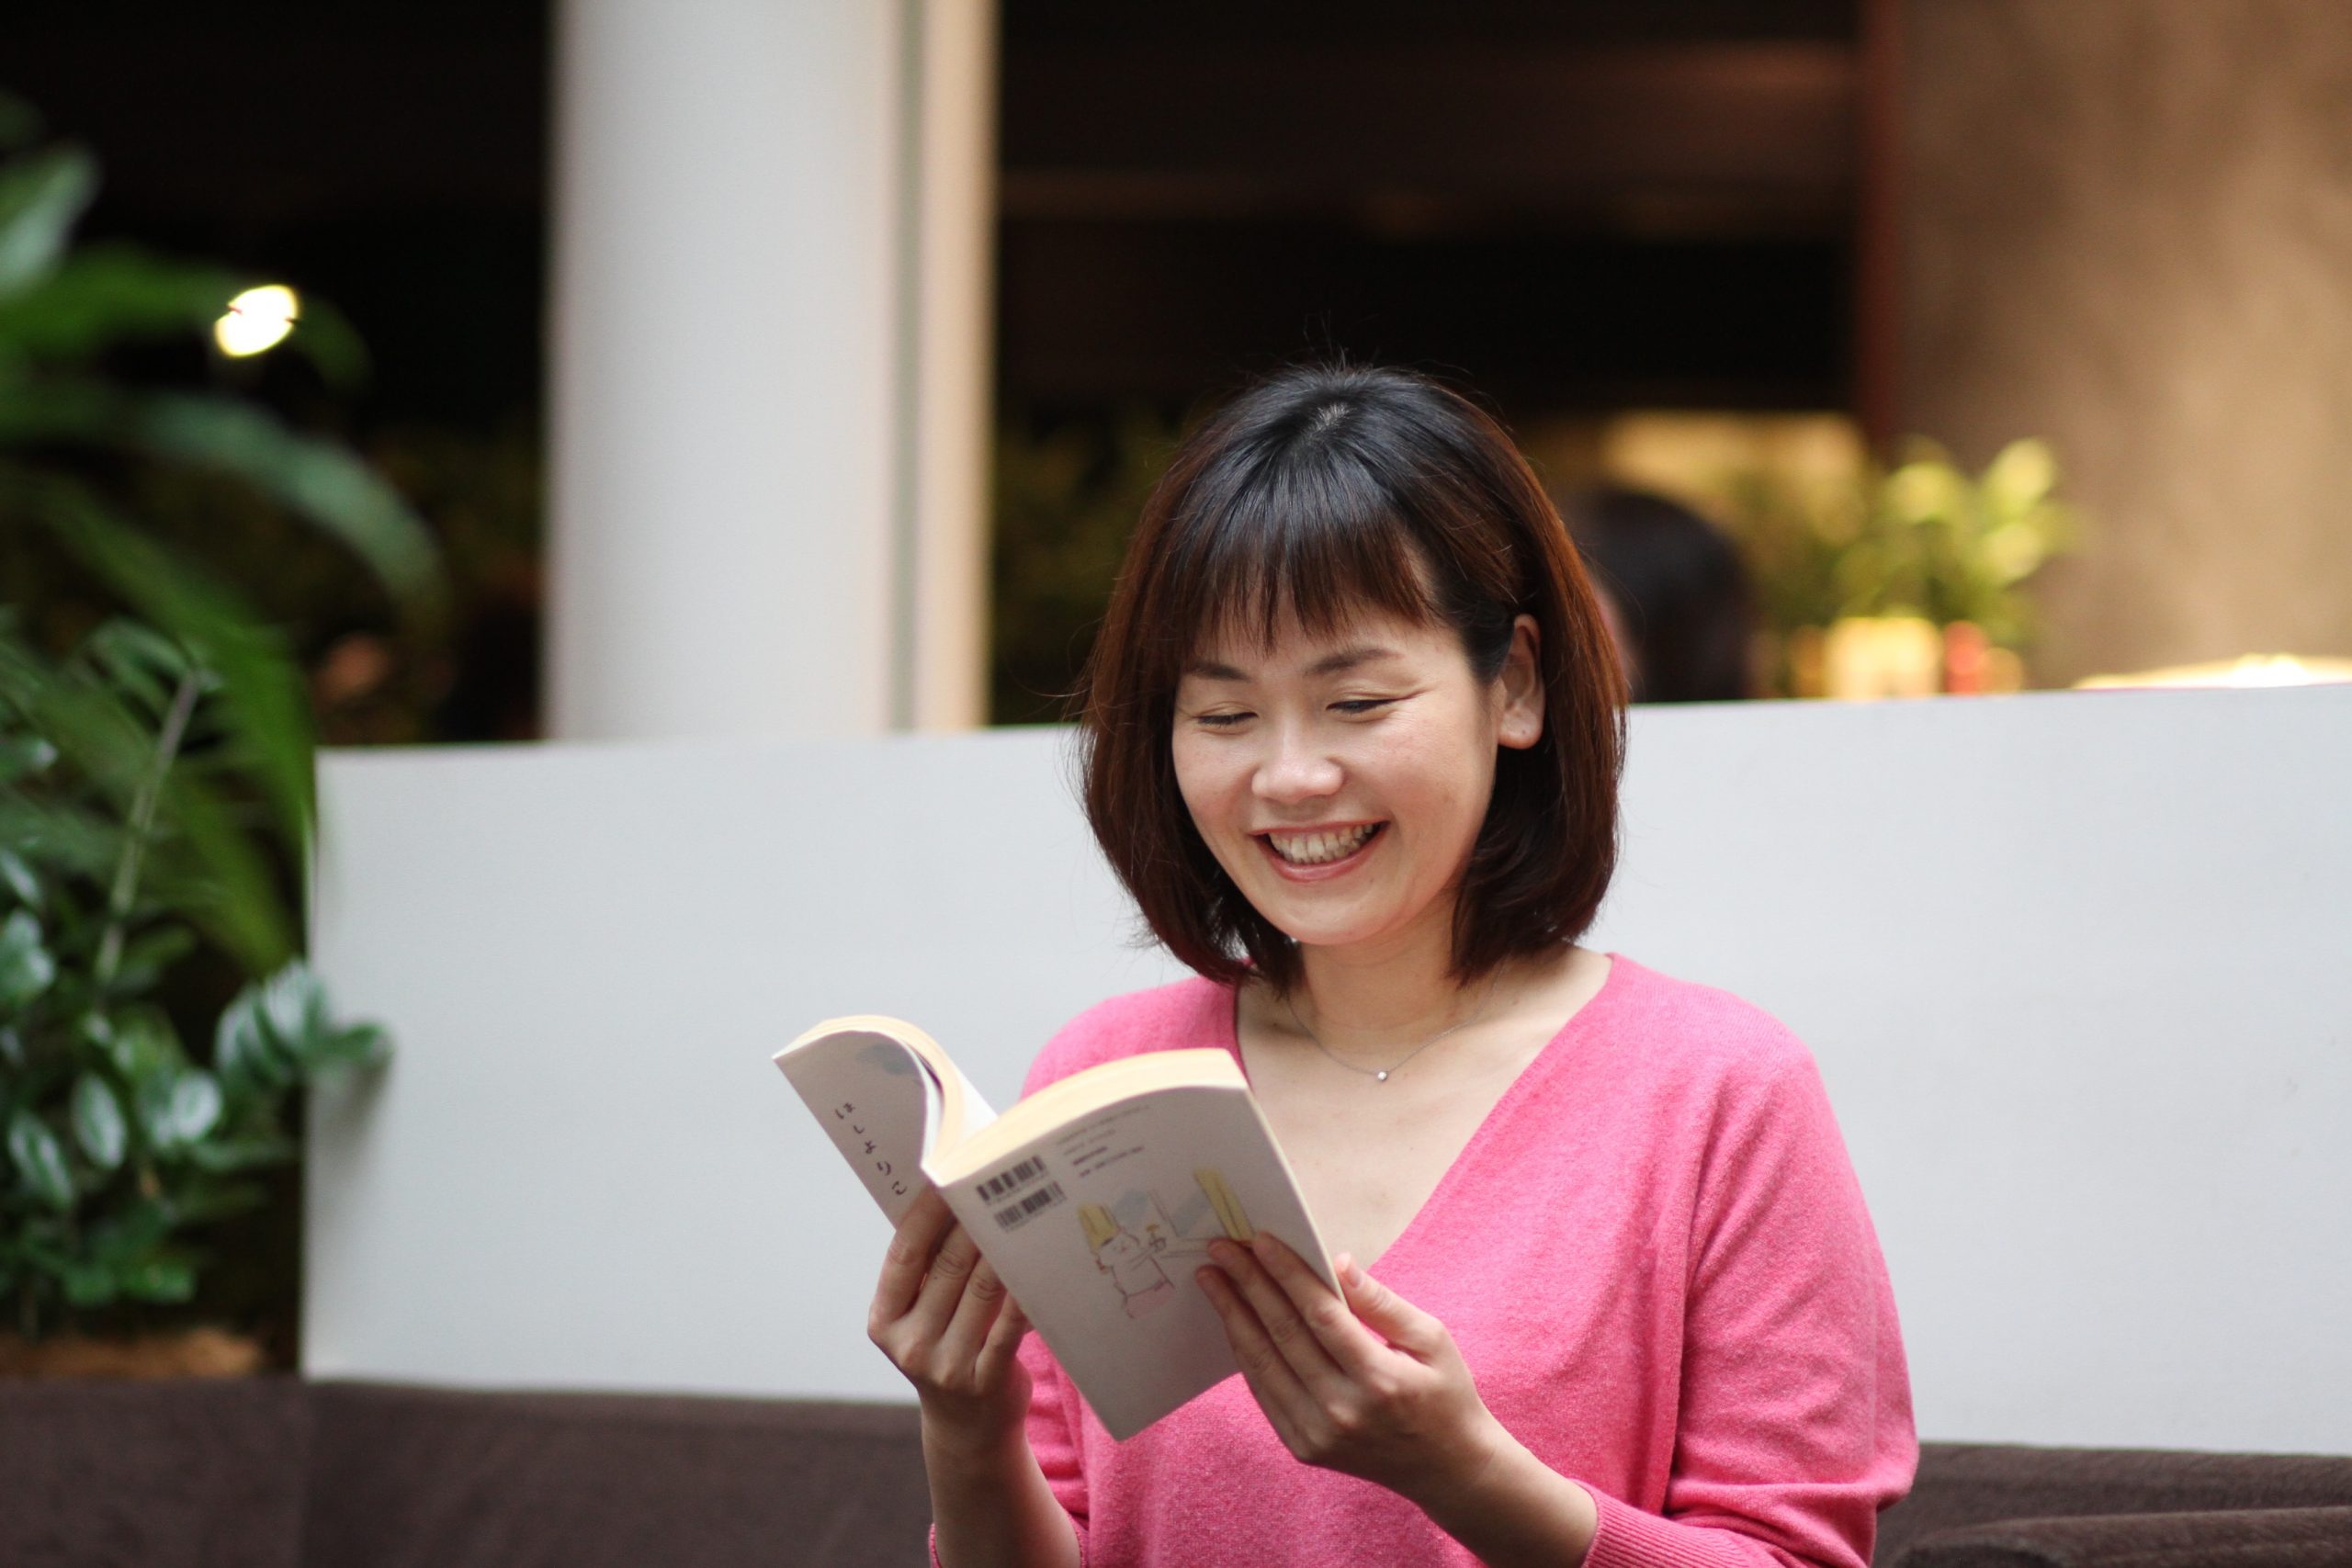 神代裕子さんインタビュー<現在編集中です>のサムネイル